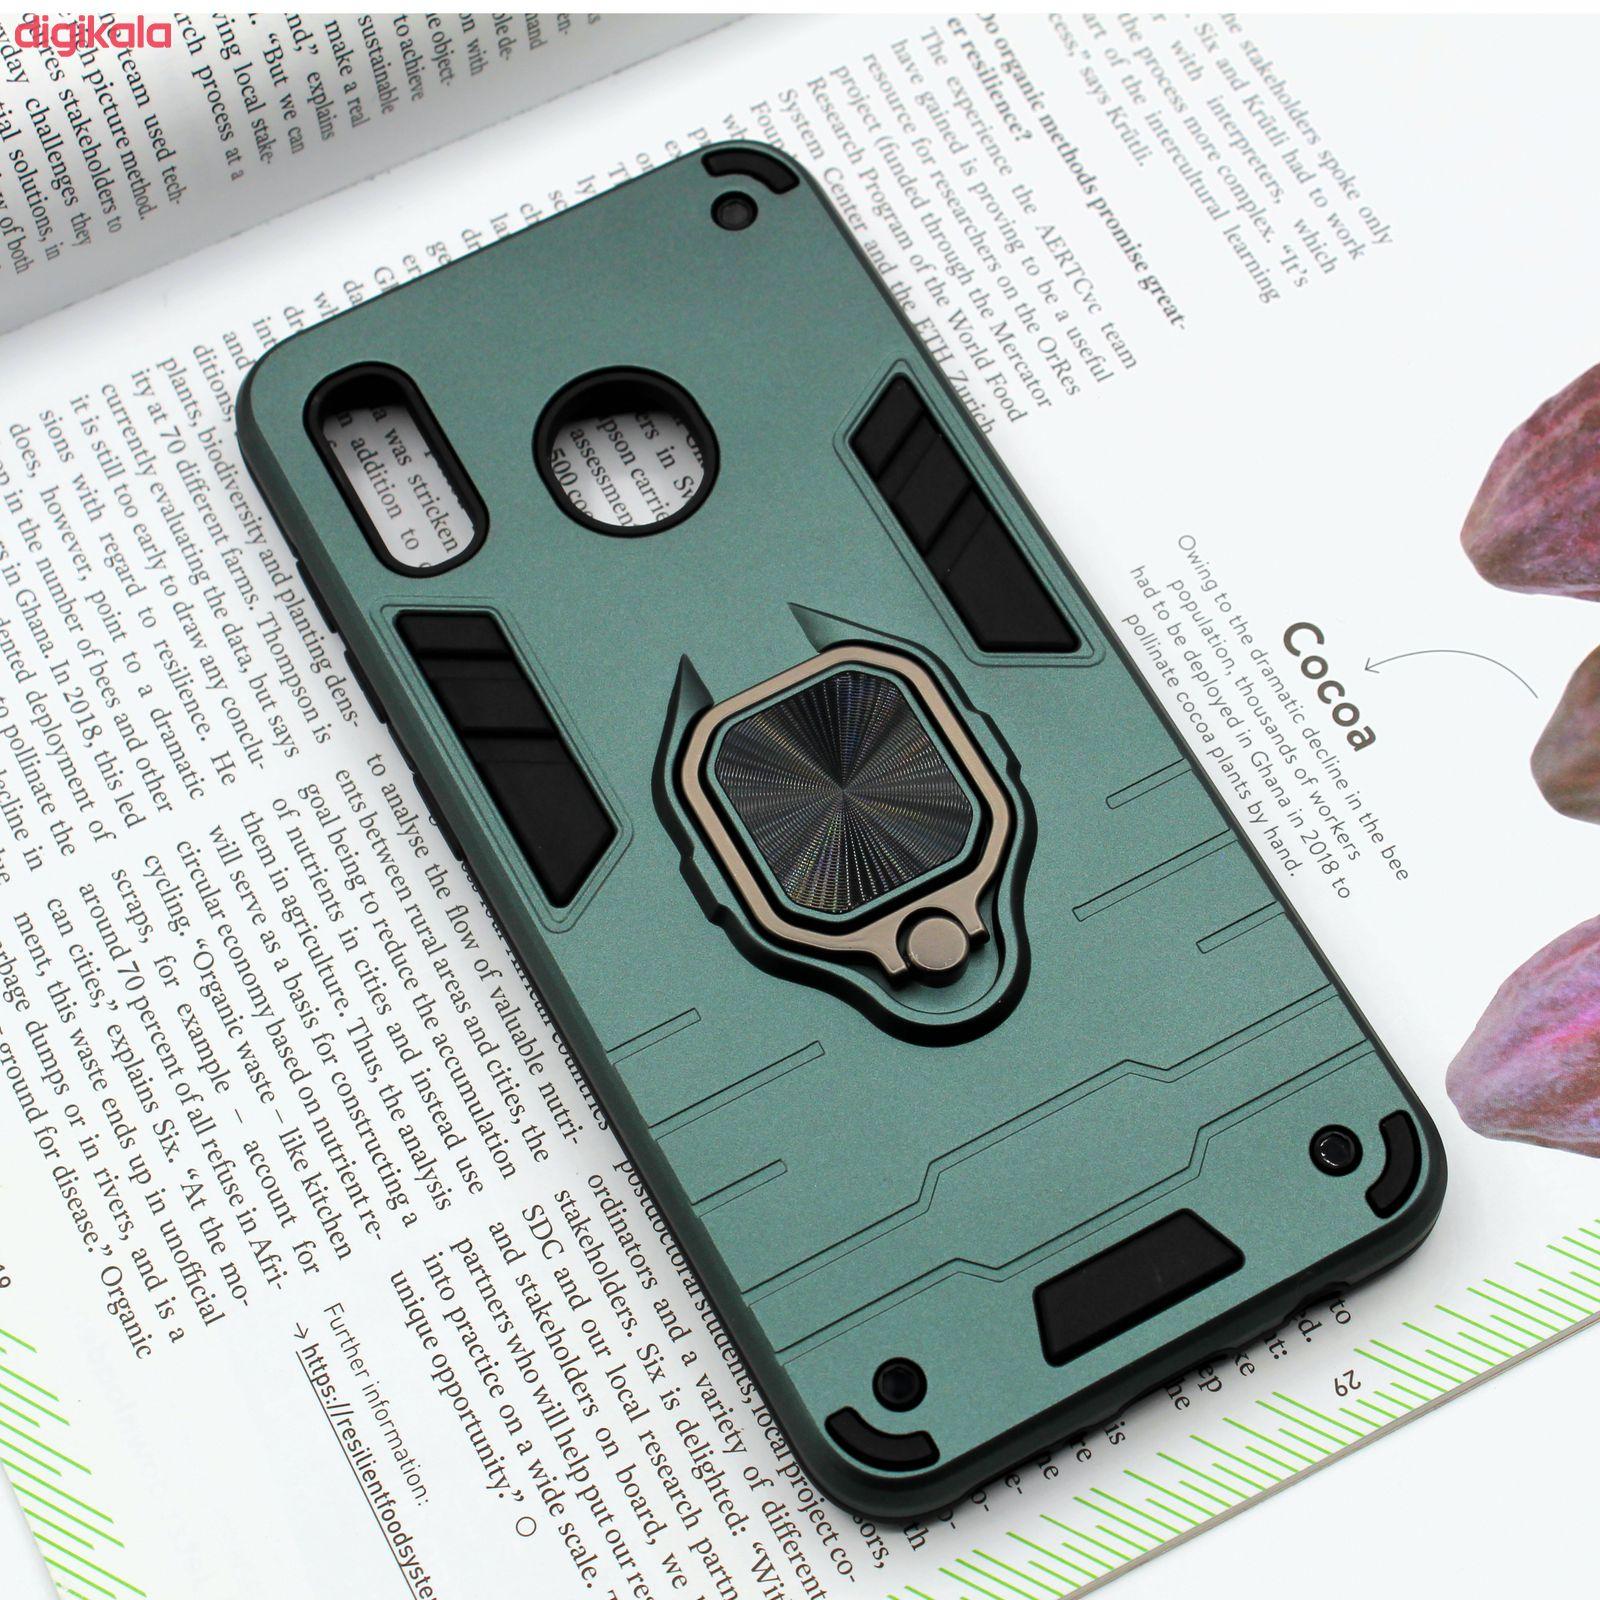 کاور کینگ پاور مدل ASH22 مناسب برای گوشی موبایل سامسونگ Galaxy A20s main 1 7